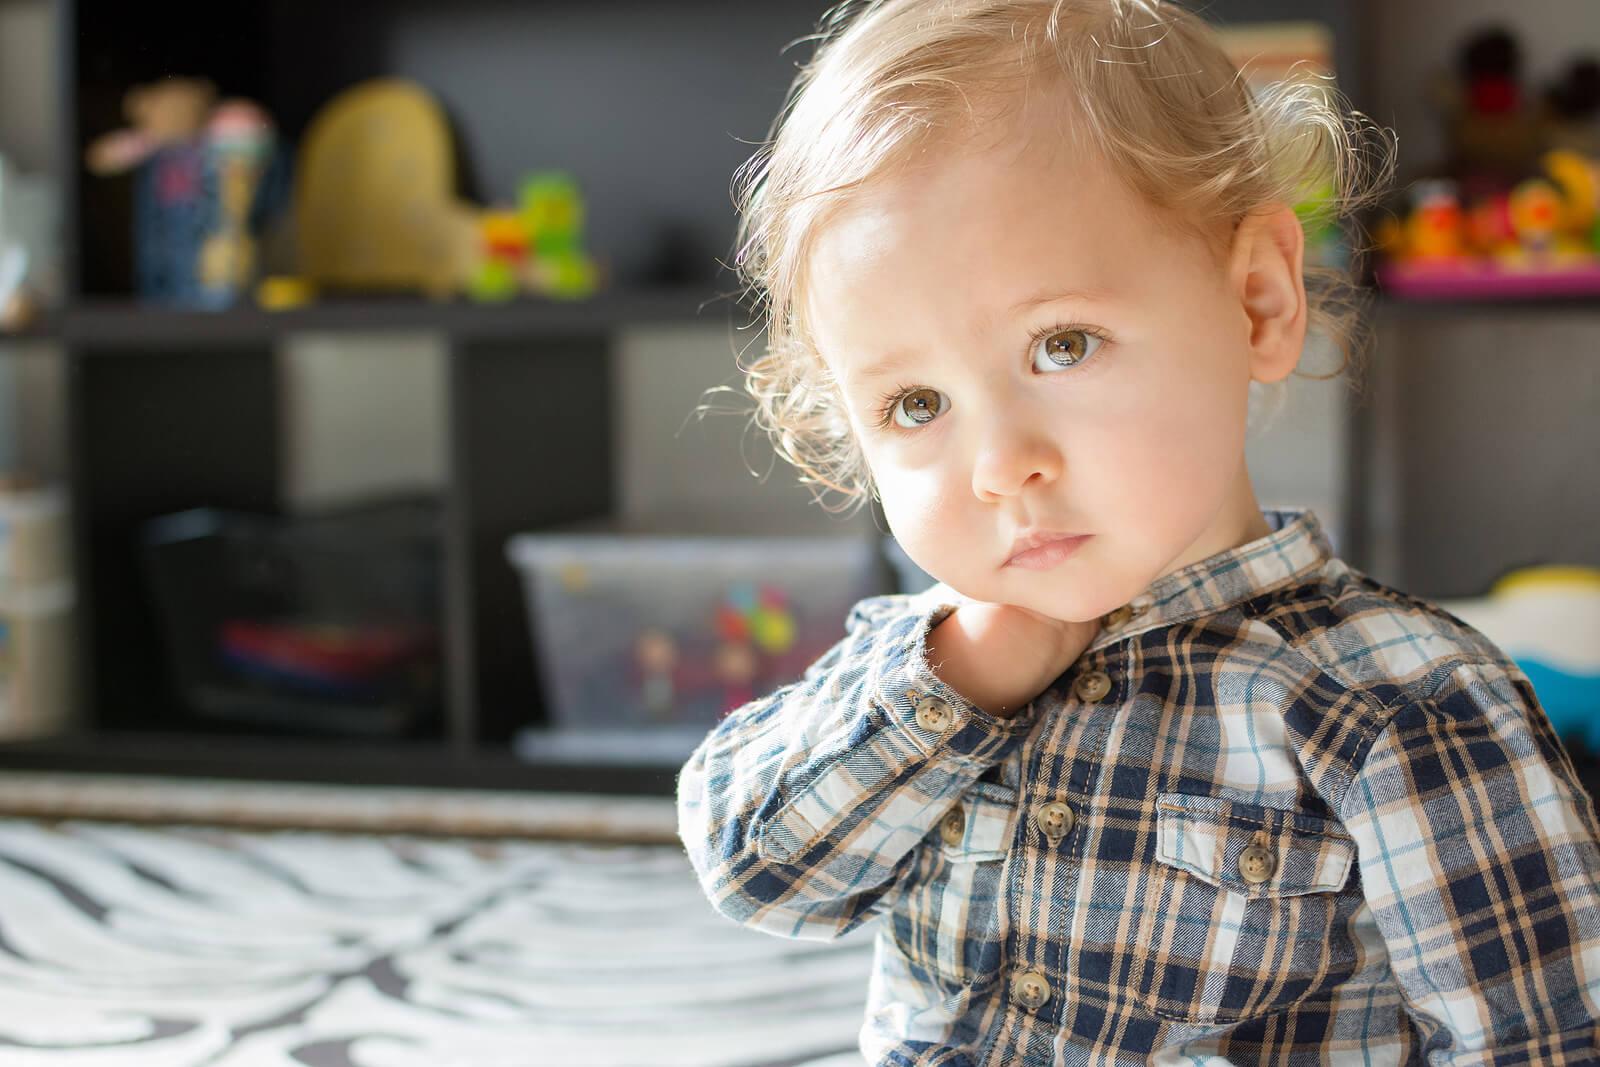 Niño pensativo y triste en su habitación.